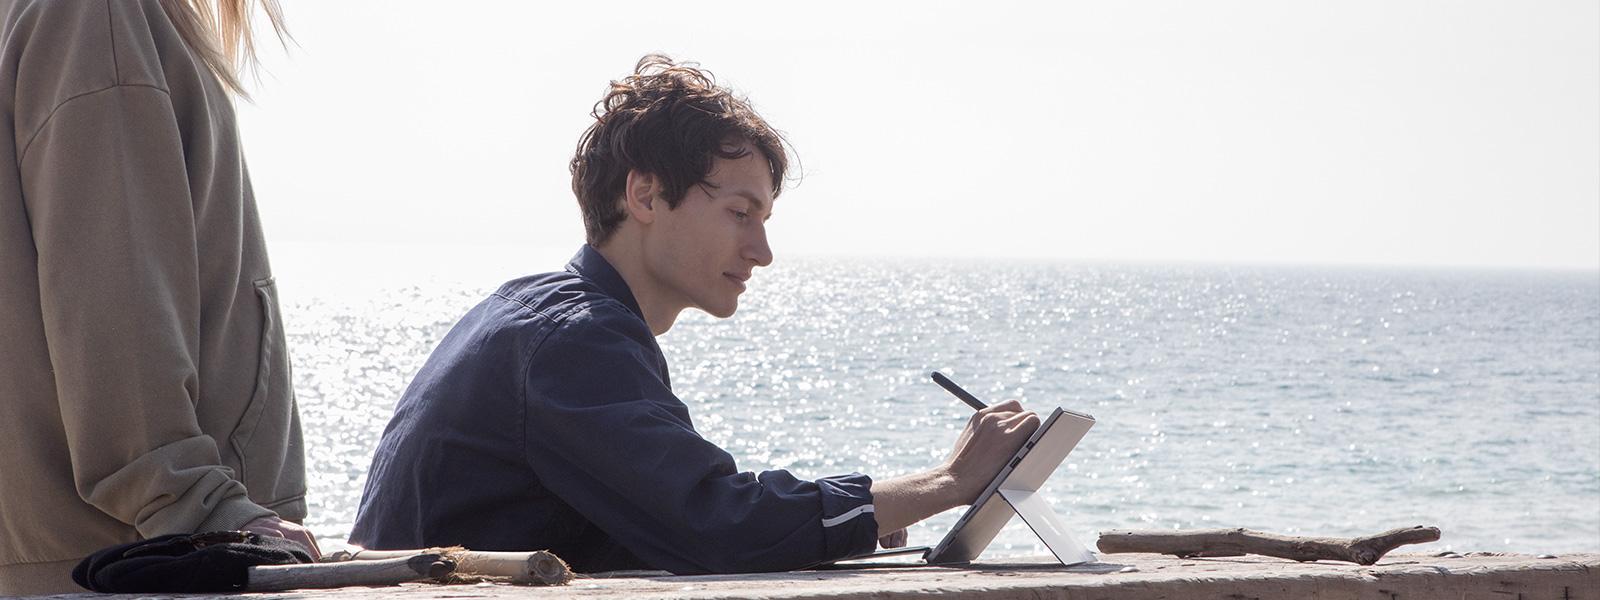 Homme utilisant Surface Pro à l'extérieur